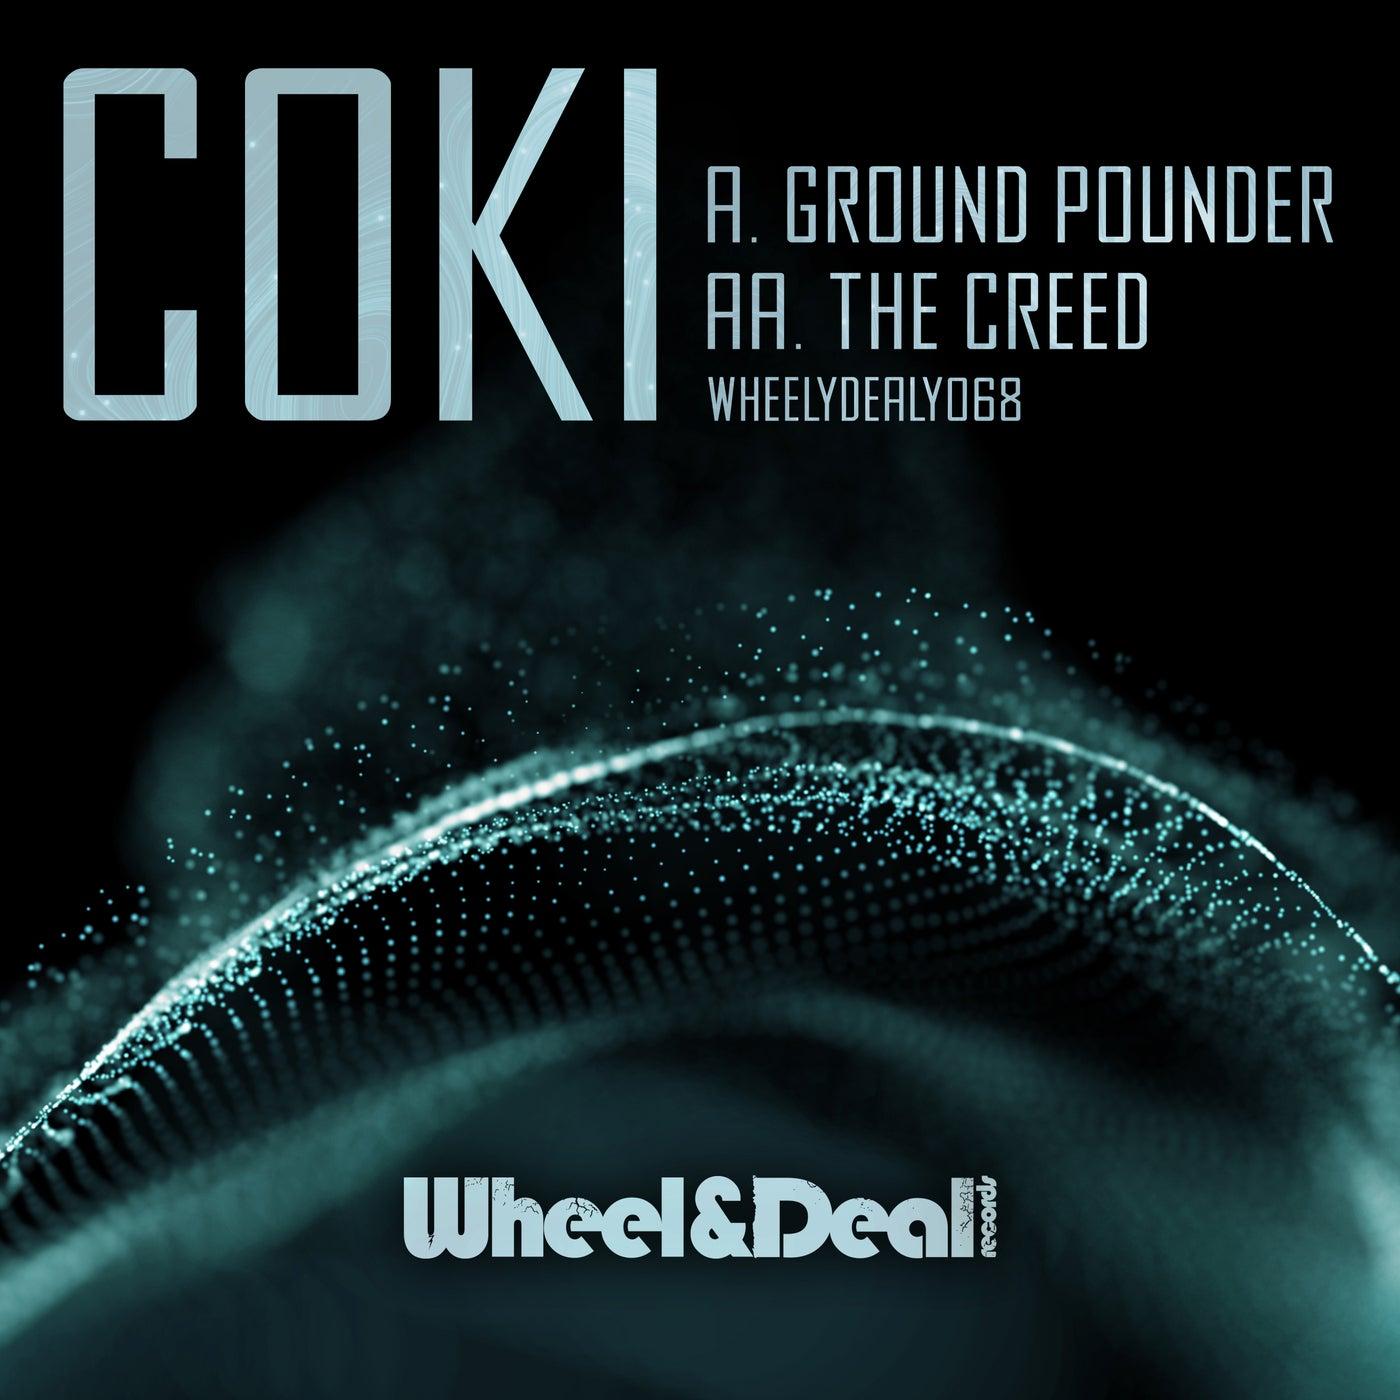 The Creed (Original Mix)